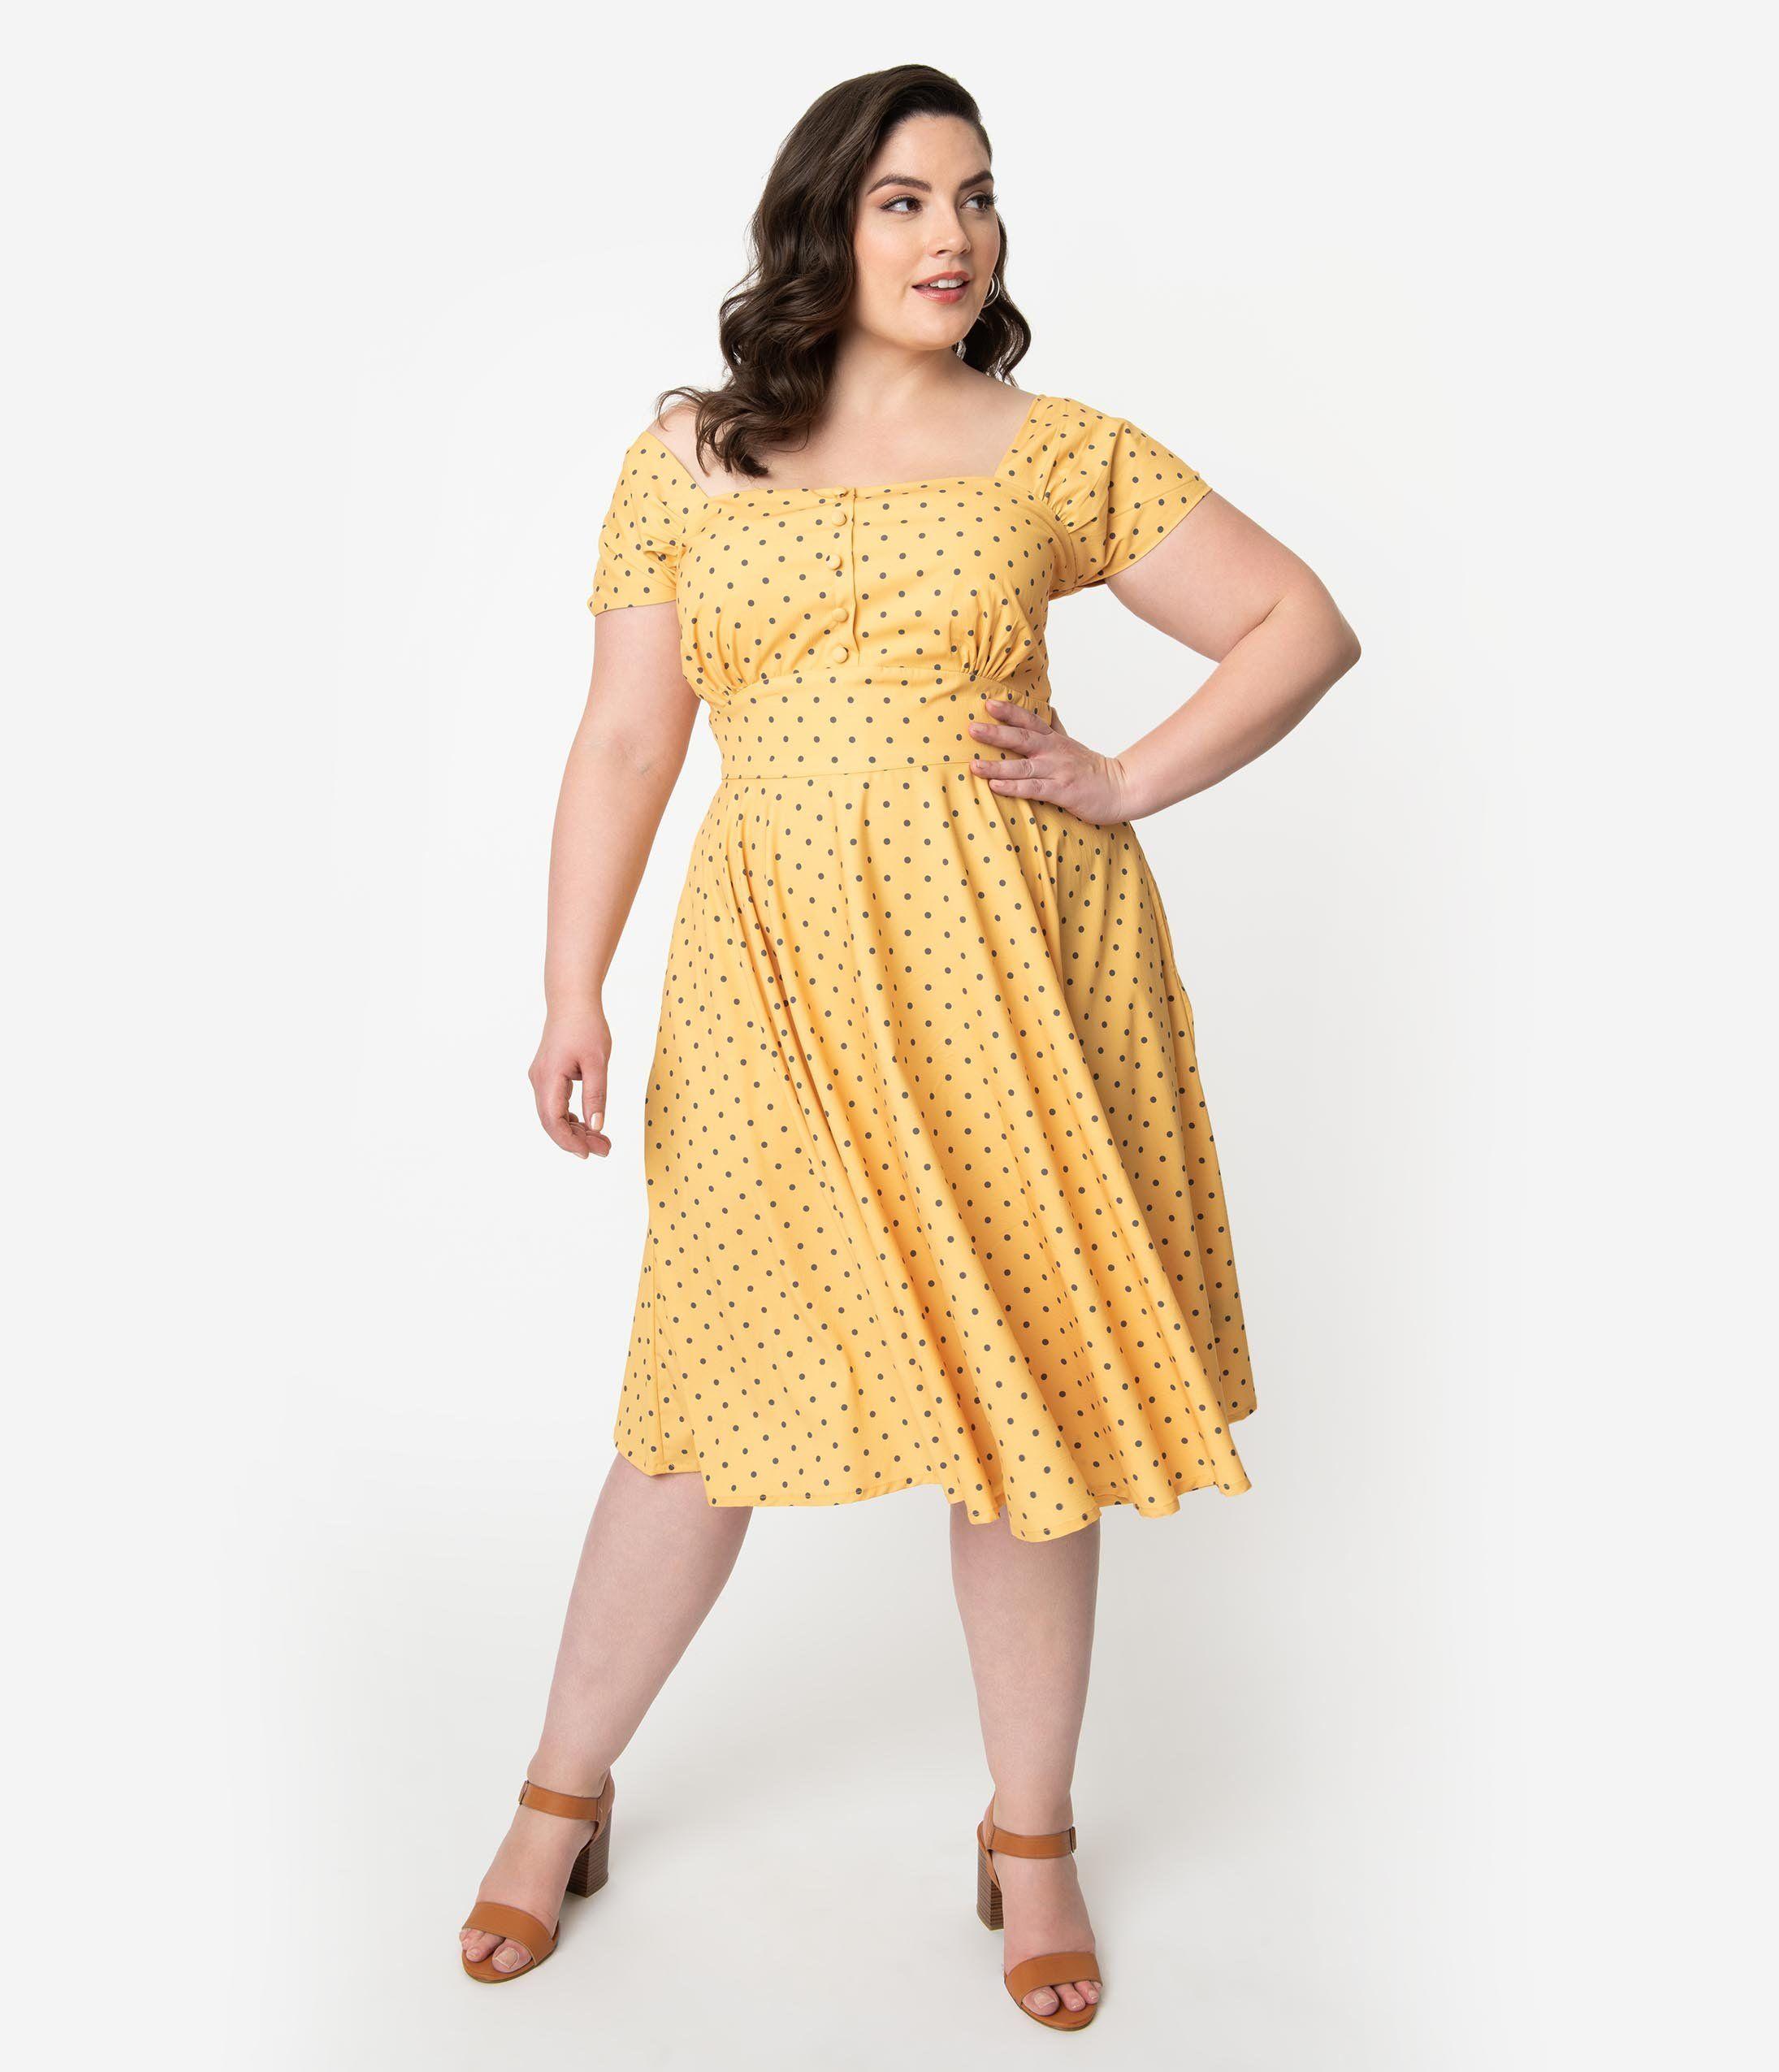 Vintage Style 1940s Plus Size Dresses Plus Size Vintage Dresses 1940s Fashion Plus Size Retro Dresses